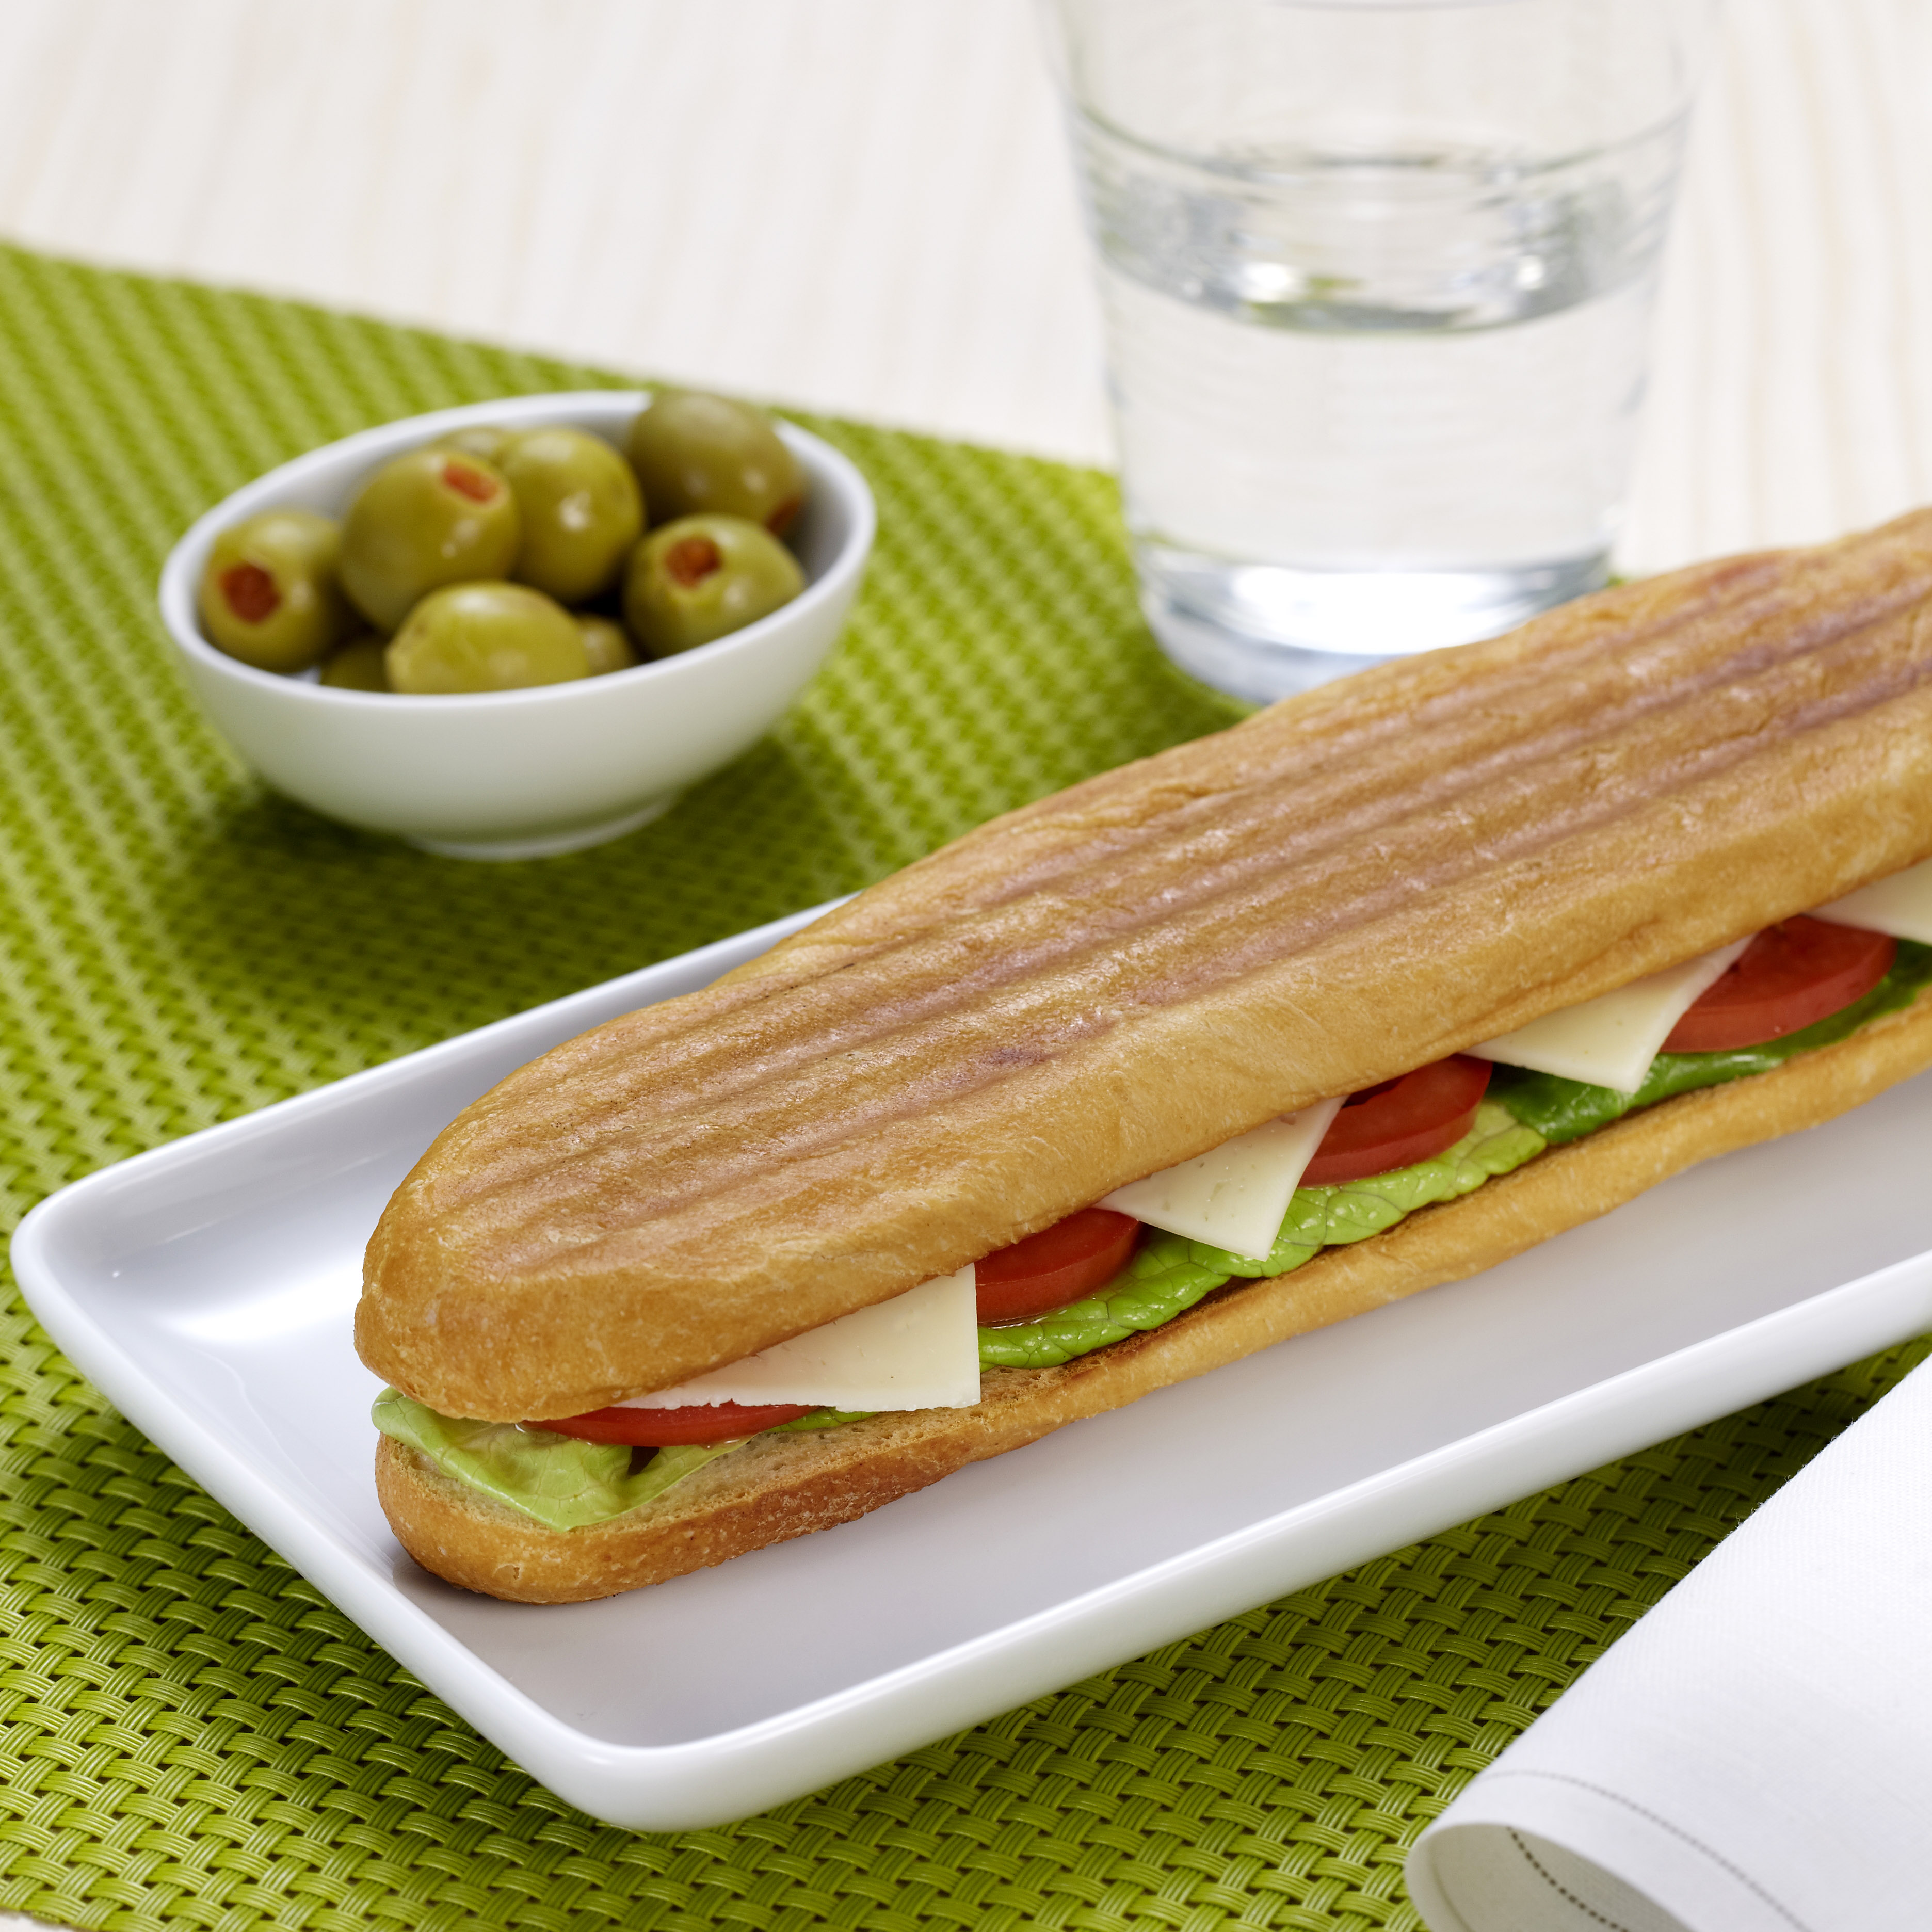 Vienes Baguette gluten-free from Proceli